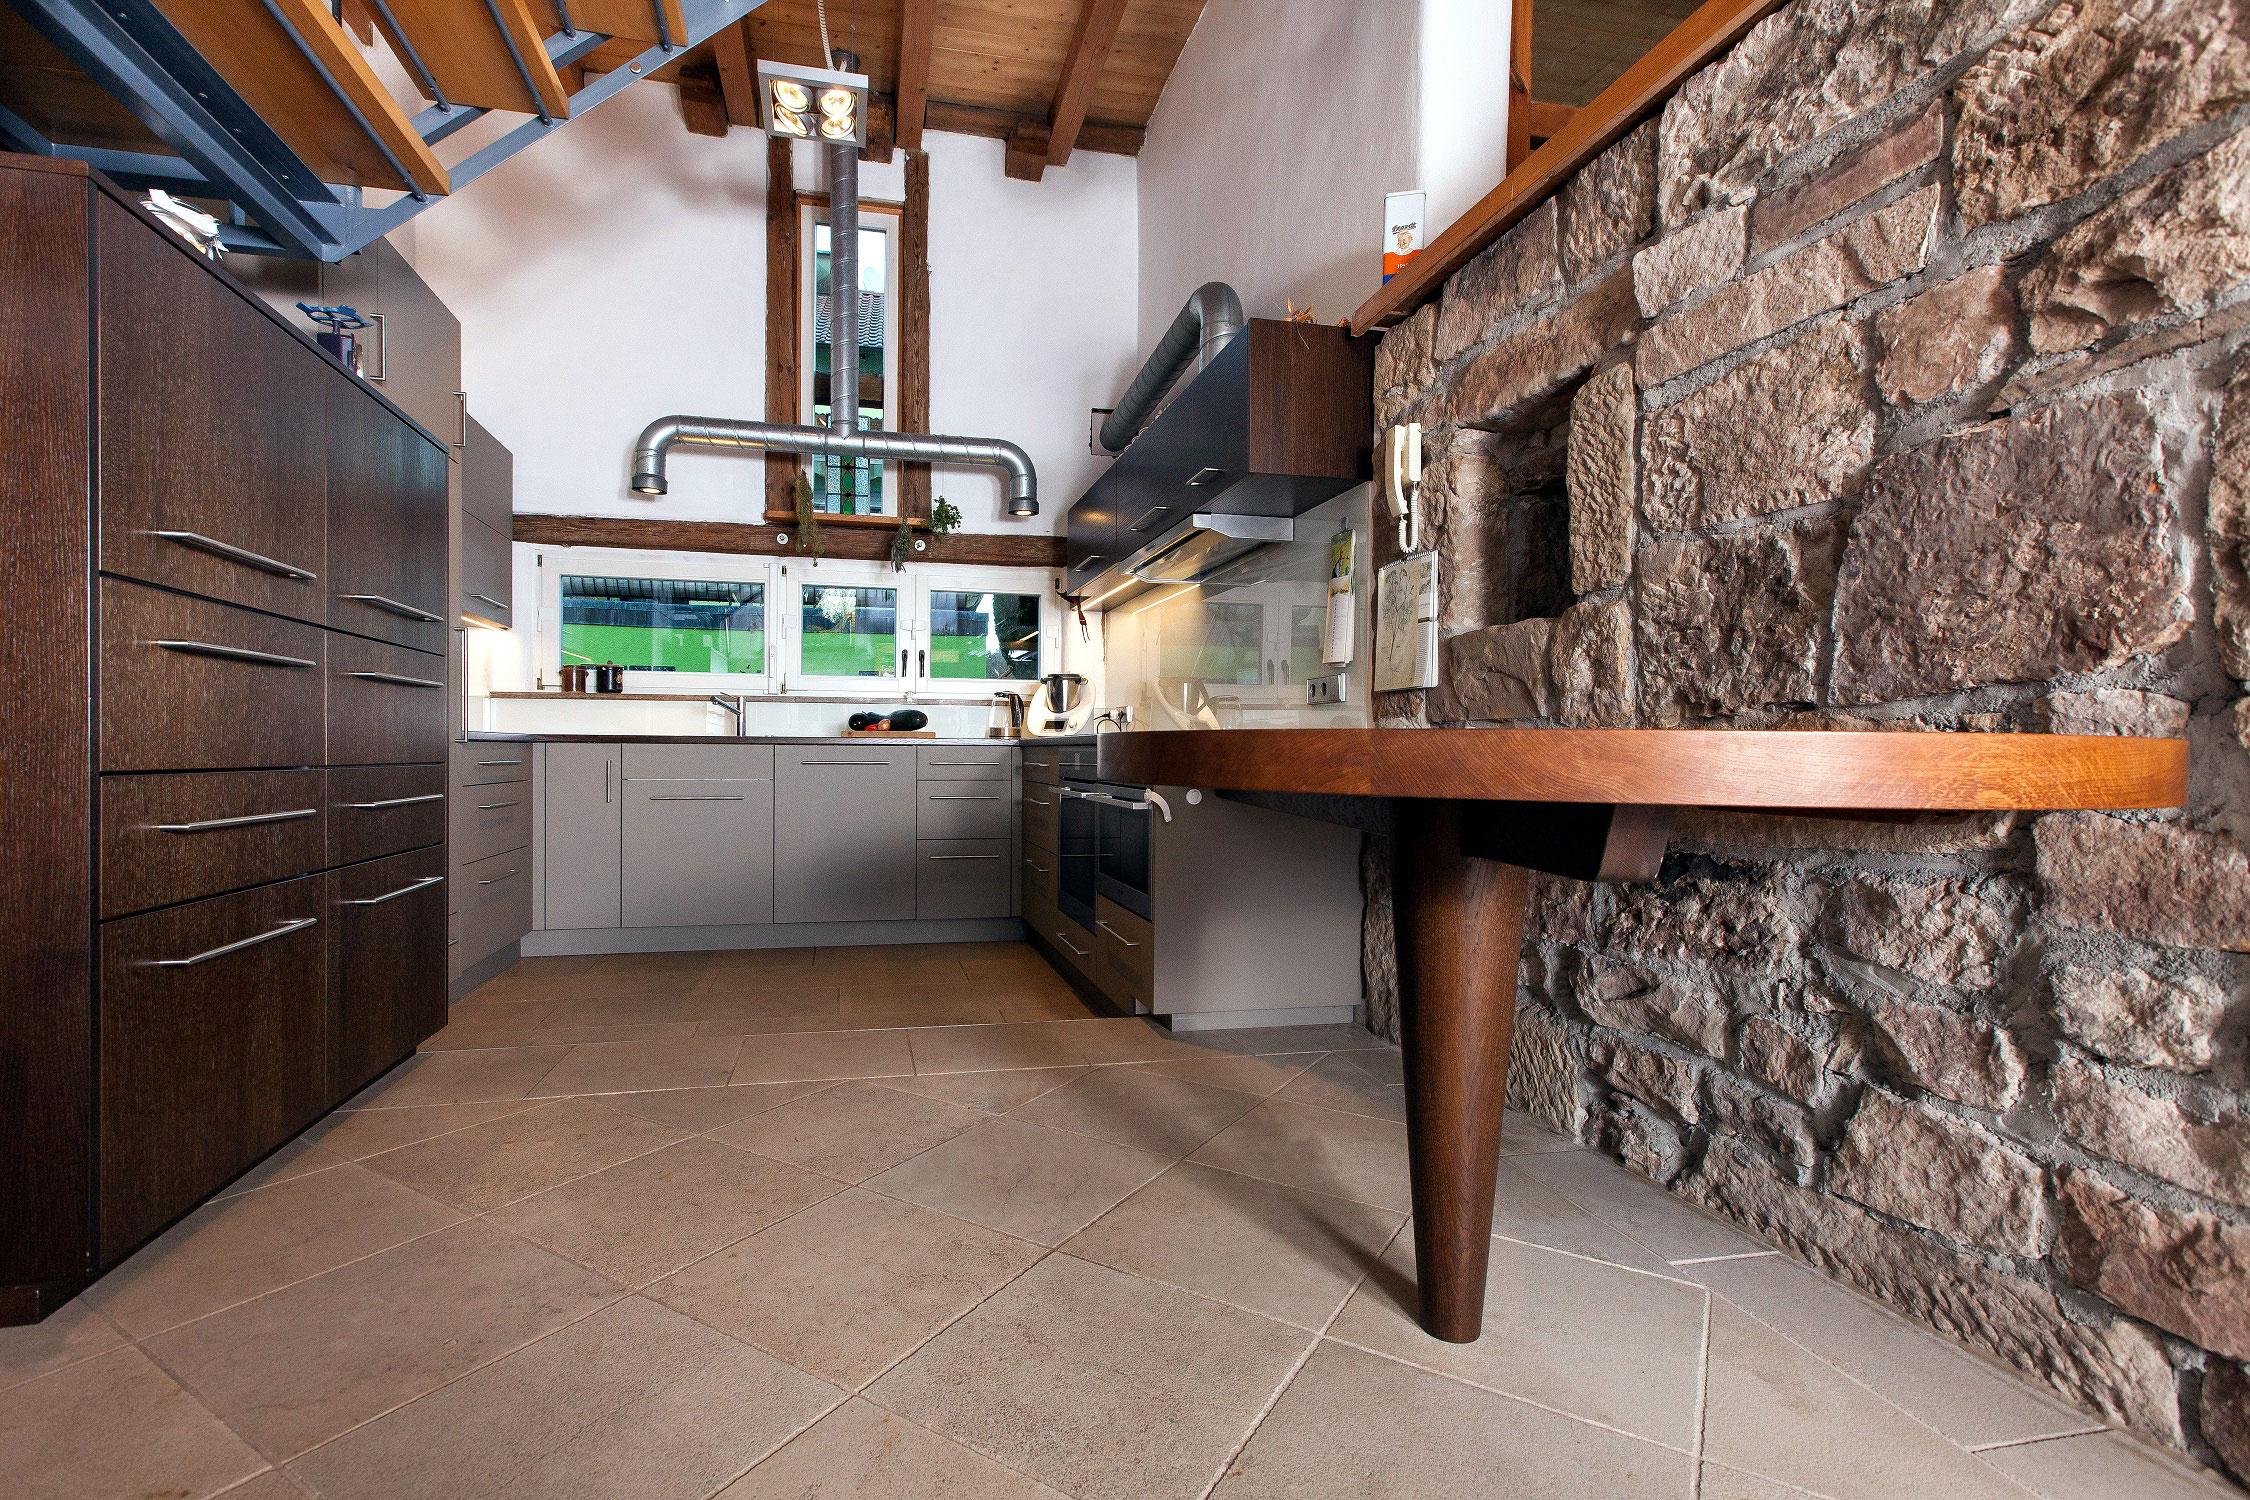 Wohnkuche In Altem Bauernhaus Saur Moebeldesigns Webseite